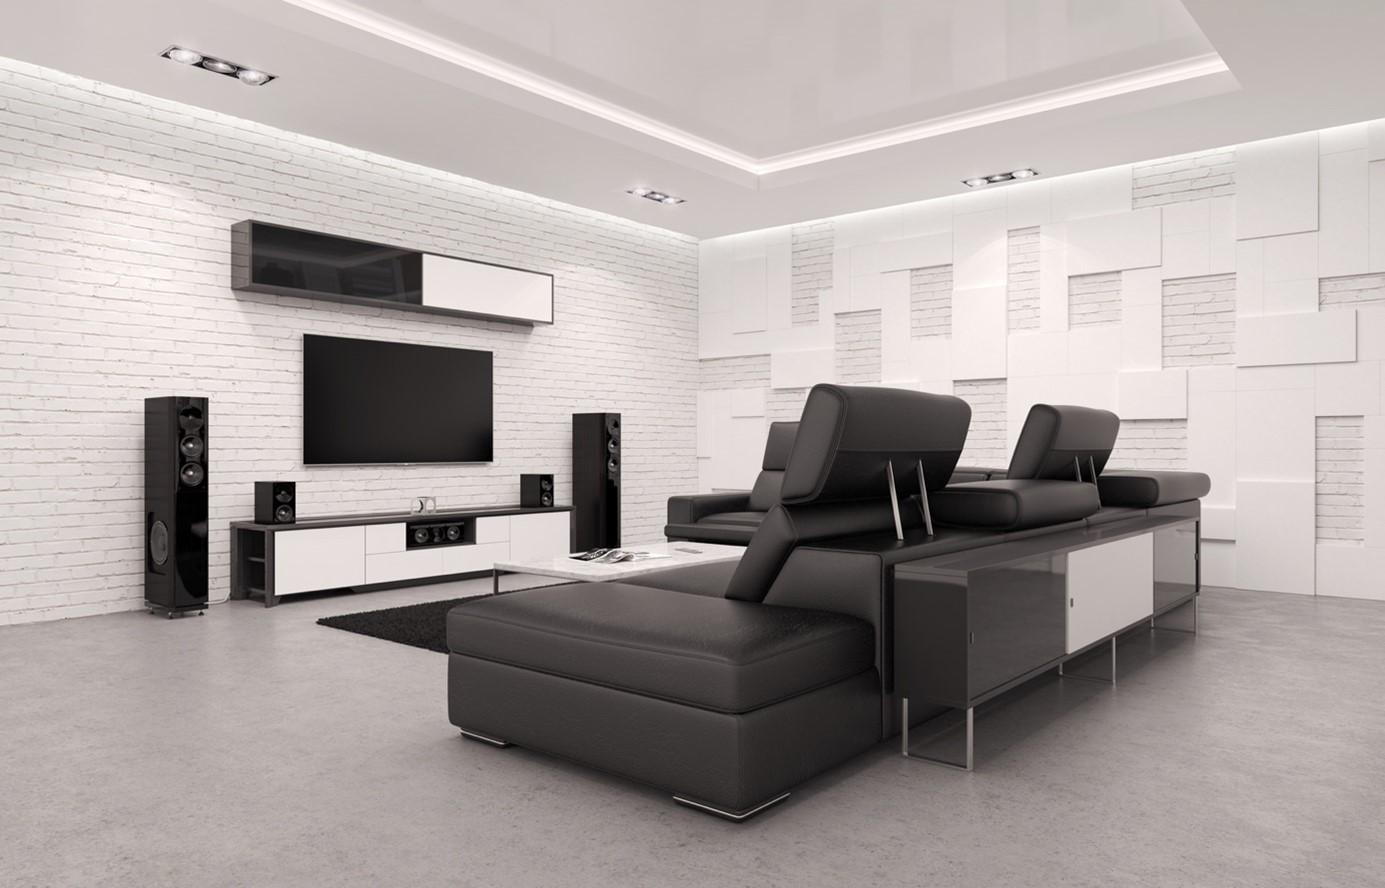 Optez pour une expérience de cinéma optimale grâce à une bonne isolation acoustique.